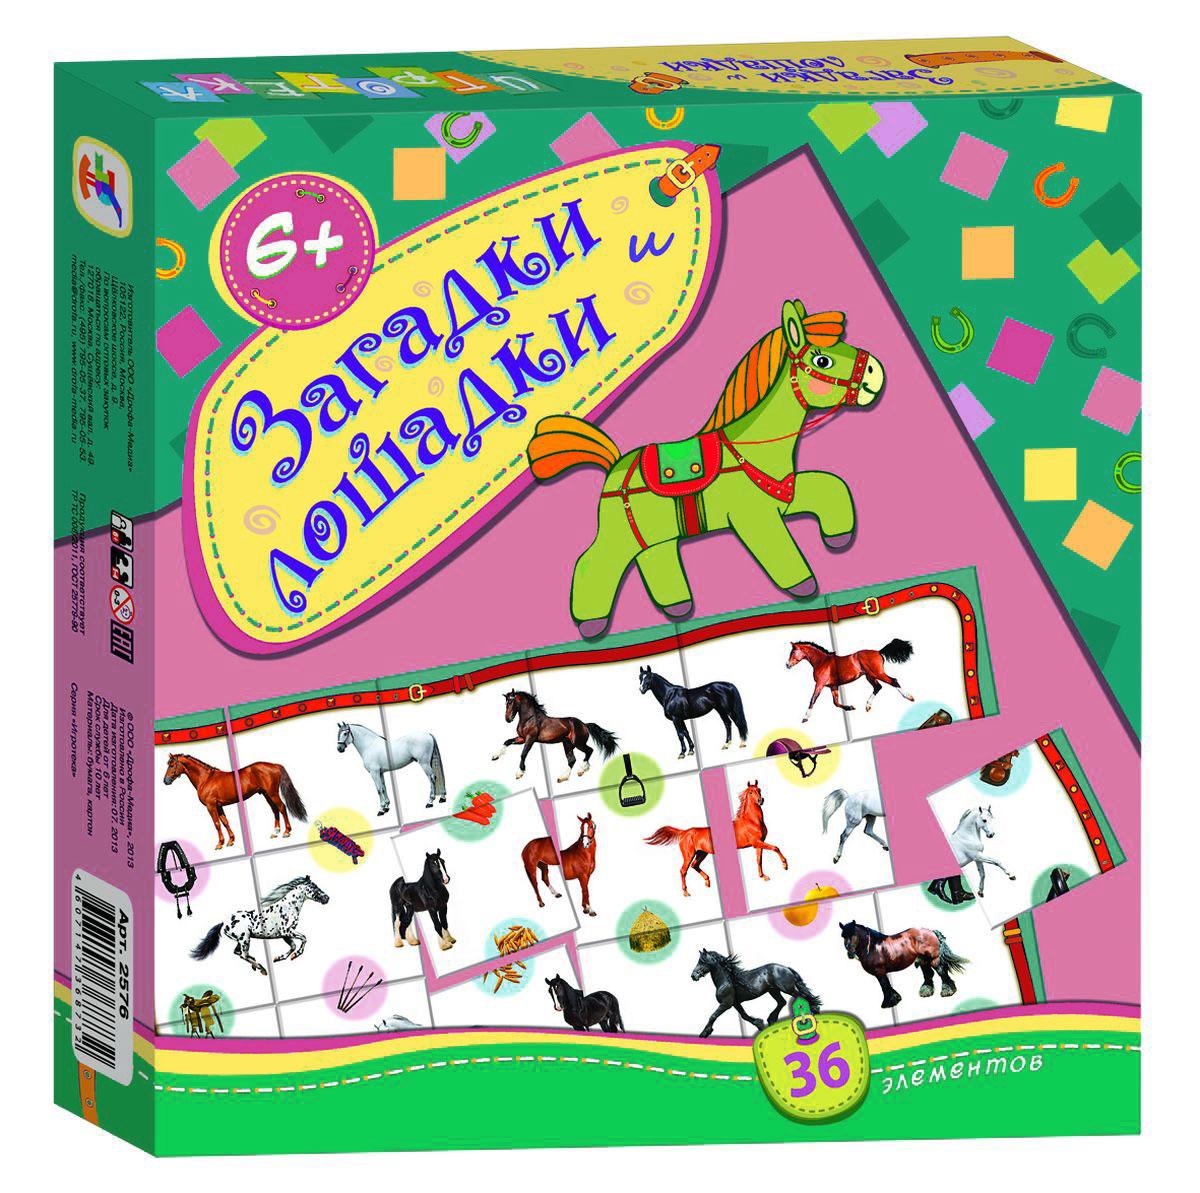 Дрофа-Медиа Пазл Загадки и лошадки2576Пазл Дрофа-Медиа Загадки и лошадки станет отличным развлечением для всей семьи. Сложите детали головоломки так, чтобы половинки картинок соединились. Целая картинка получится только в том случае, если каждая карточка займет свое единственное место. Собрав пазл, состоящий из 36 элементов, вы получите изображение множества лошадей. Играть можно одному или в компании друзей до 4 человек. Игра направлена на развитие логического и ассоциативного мышления, мелкой моторики рук, творческих способностей, воображения, внимания, памяти, сообразительности.